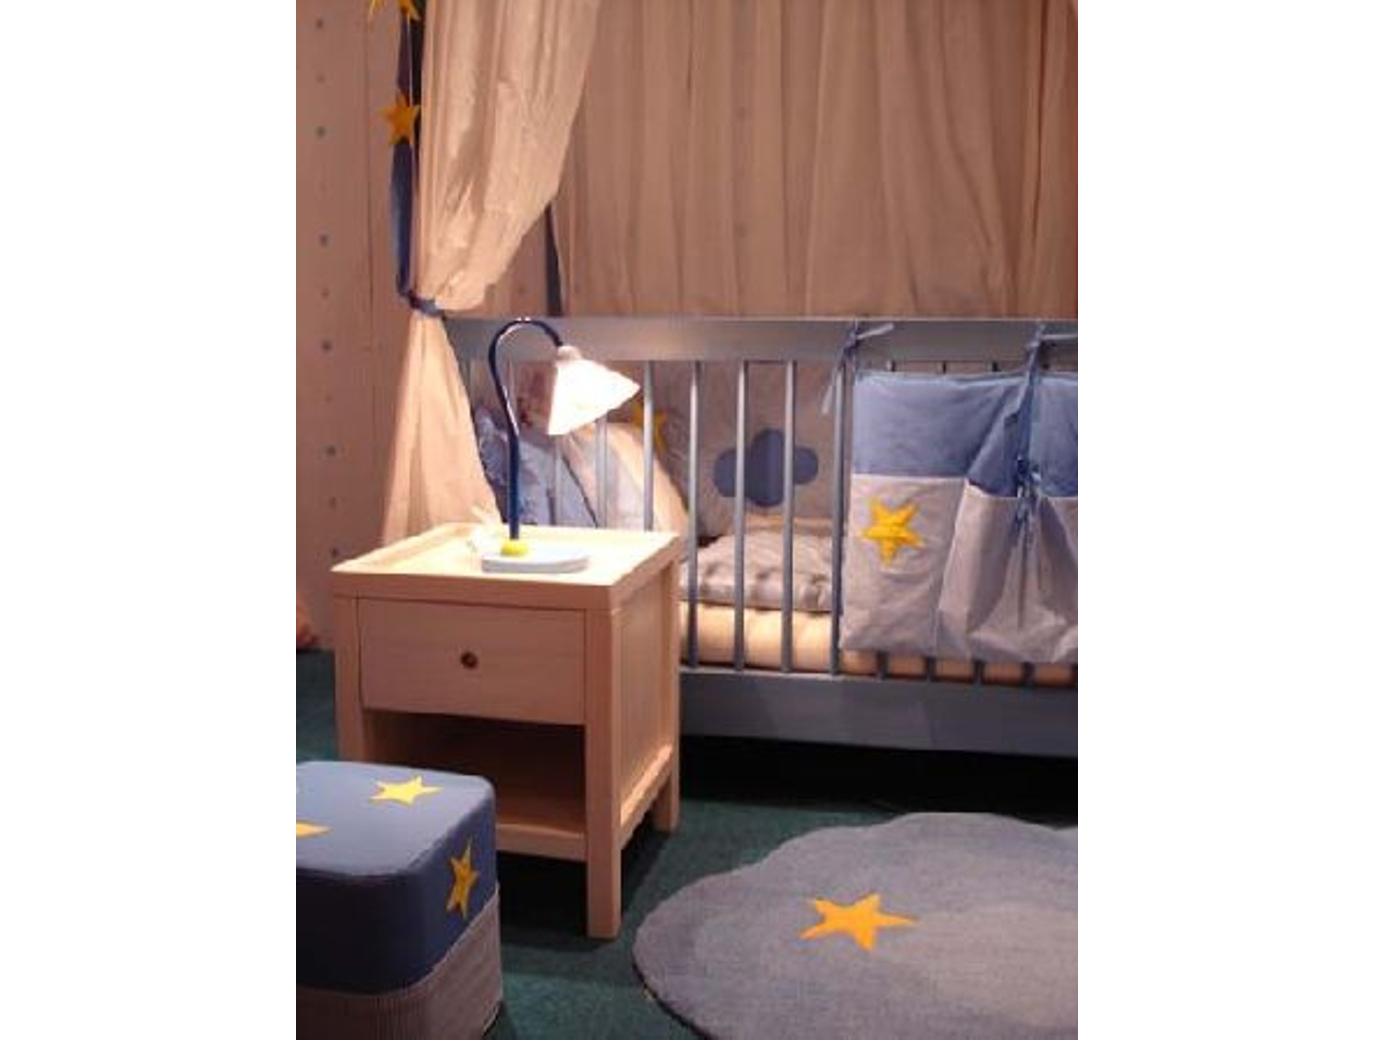 Nachttischleuchte kinderzimmer flexibel einstellbar schreibtischlampe f r kinder ebay - Kinderzimmer fur 2 kinder ...